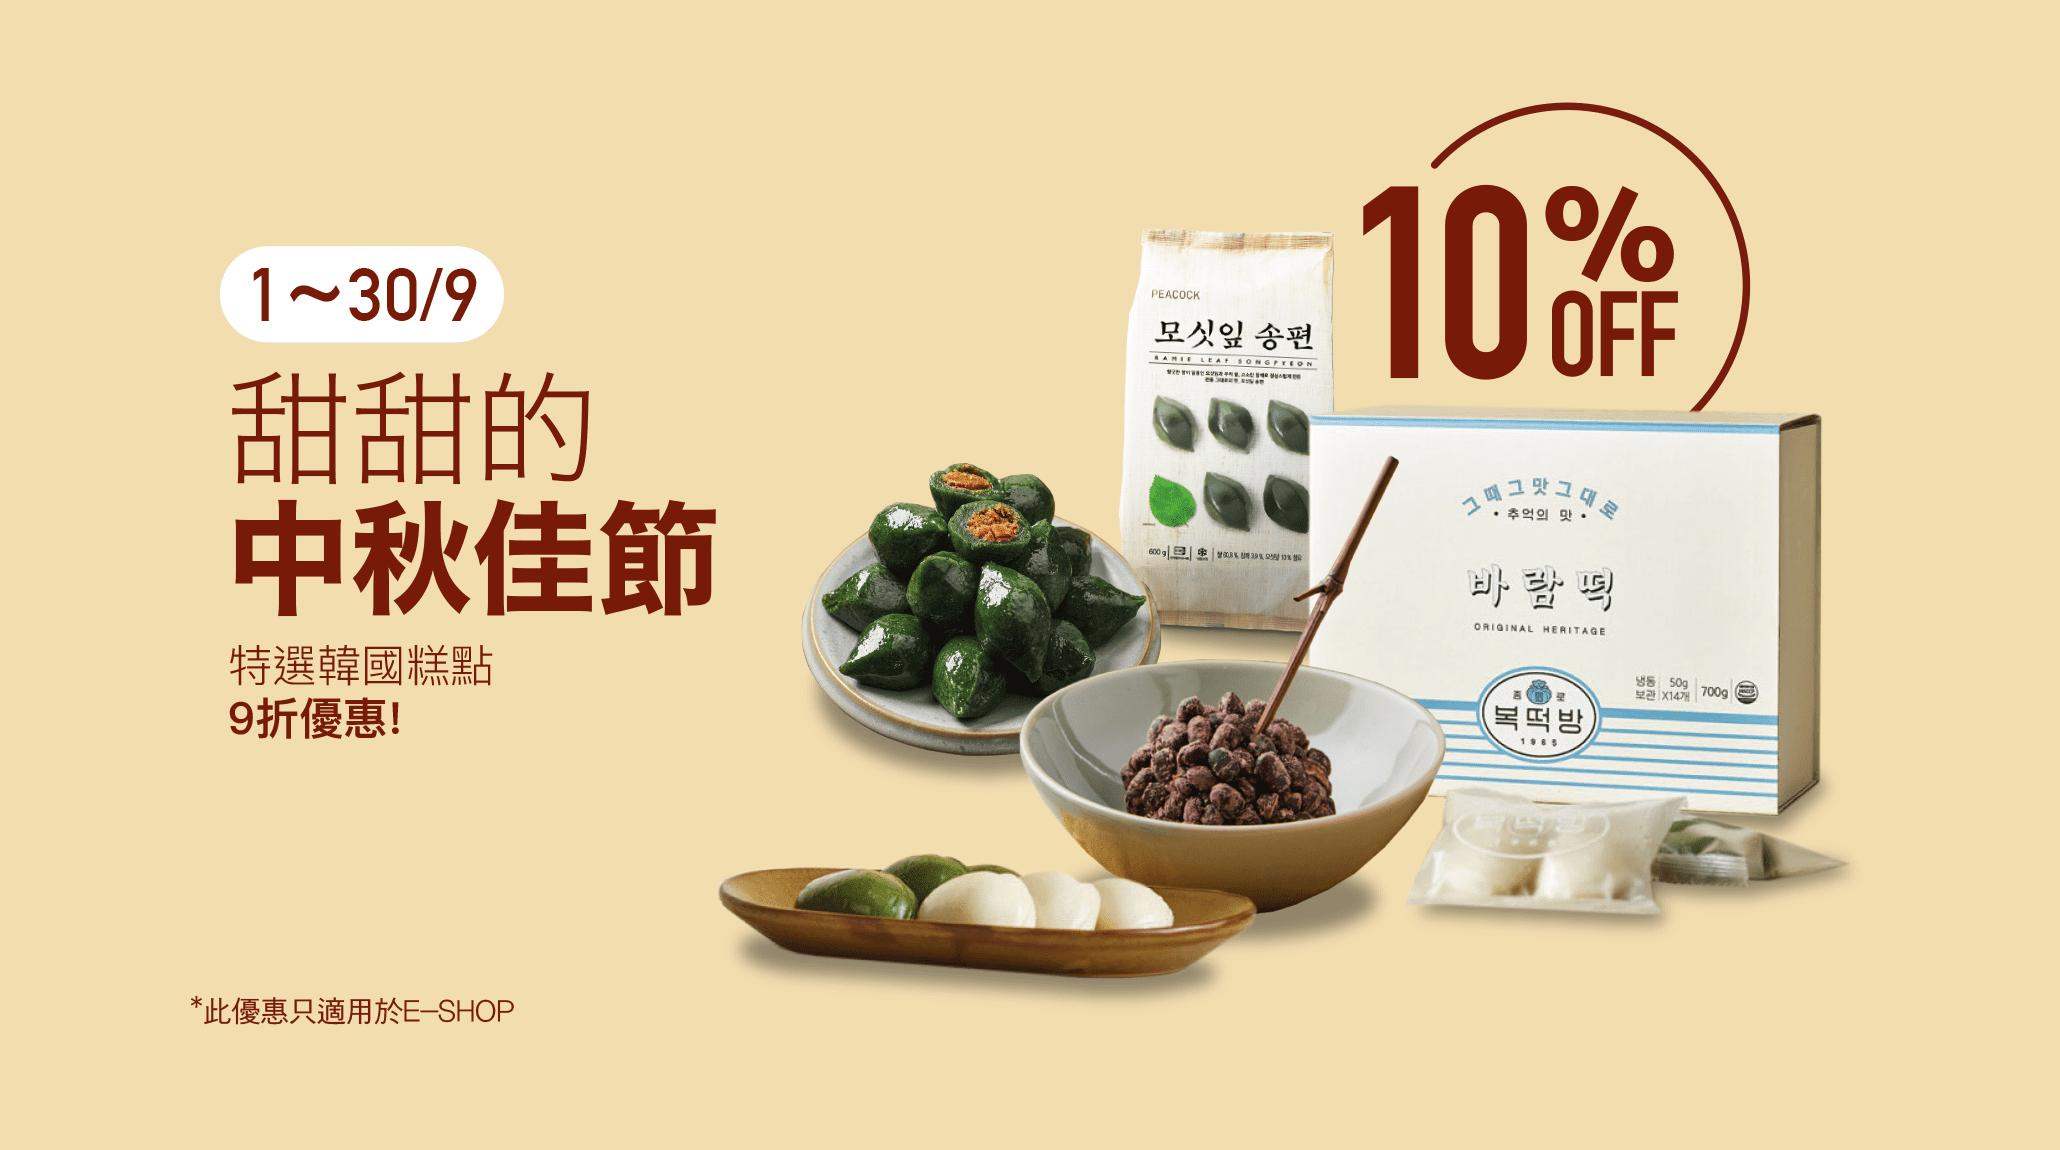 韓國食品-甜甜的中秋佳節 - 韓國糕點9折優惠!